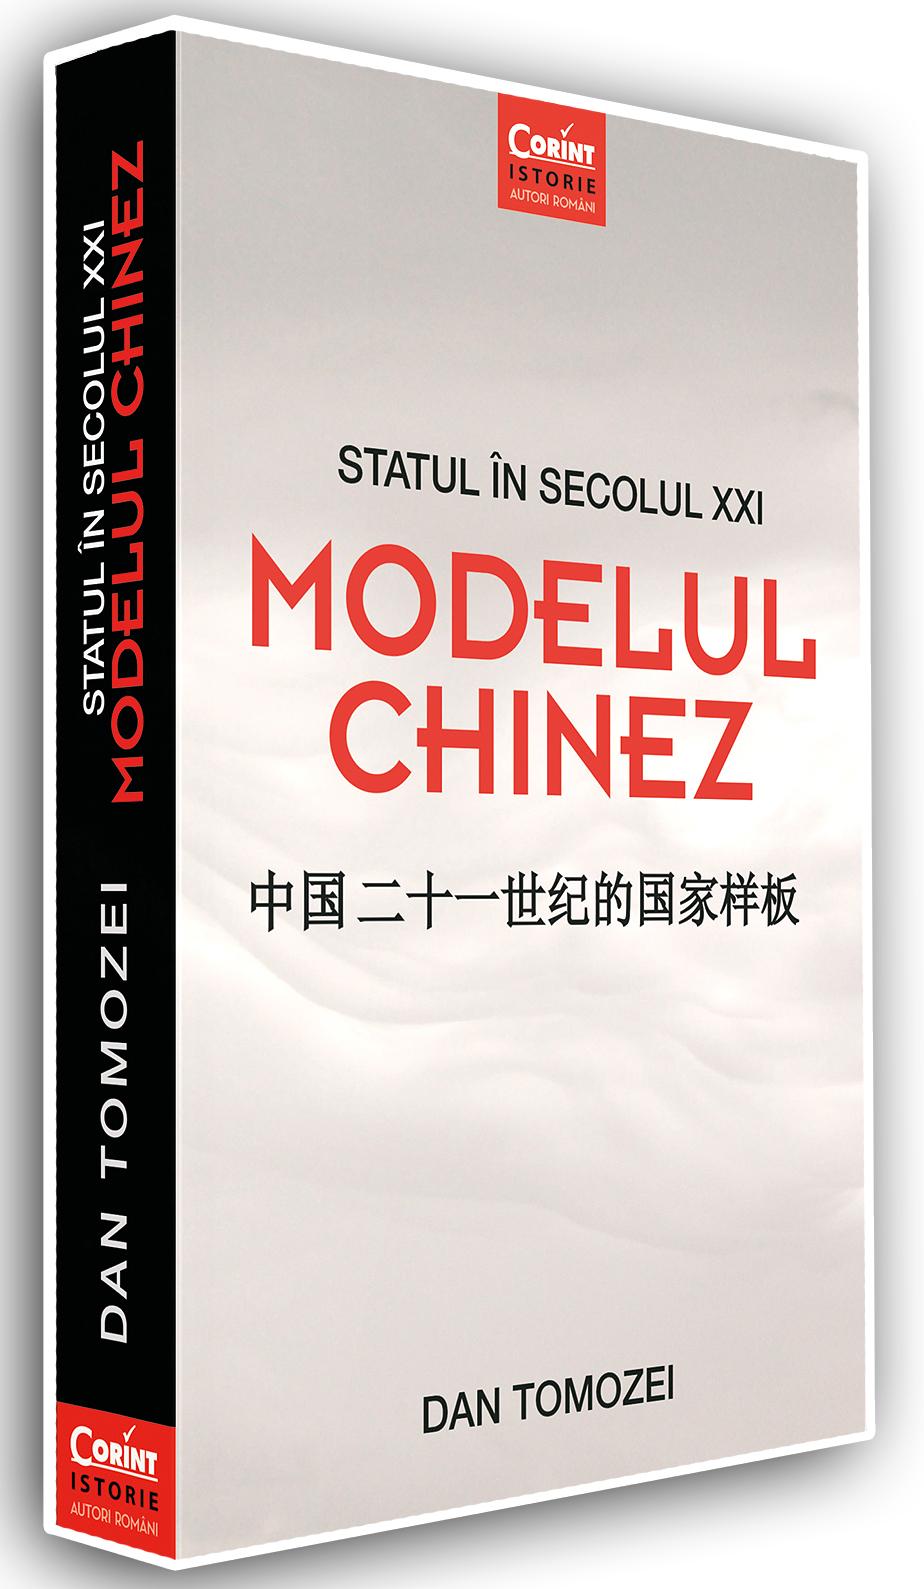 Statul in Secolul XXI - Modelul chinez, Dan Tomozei 2016 2